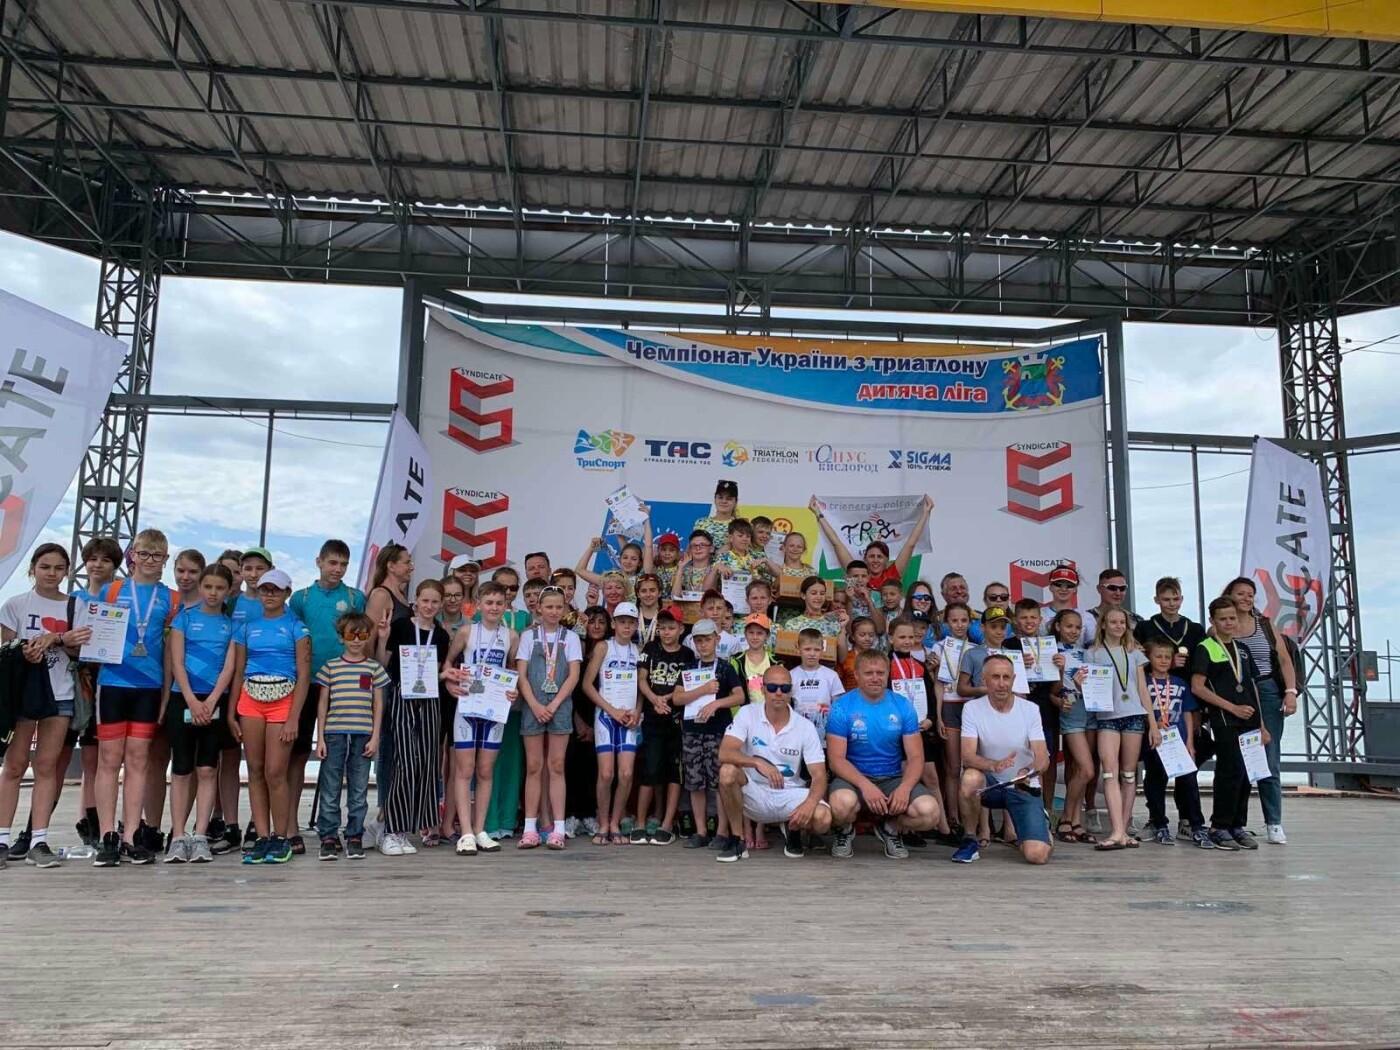 В Бердянске подвели итоги третьего этапа Чемпионата Украины по триатлону (ФОТО), фото-4